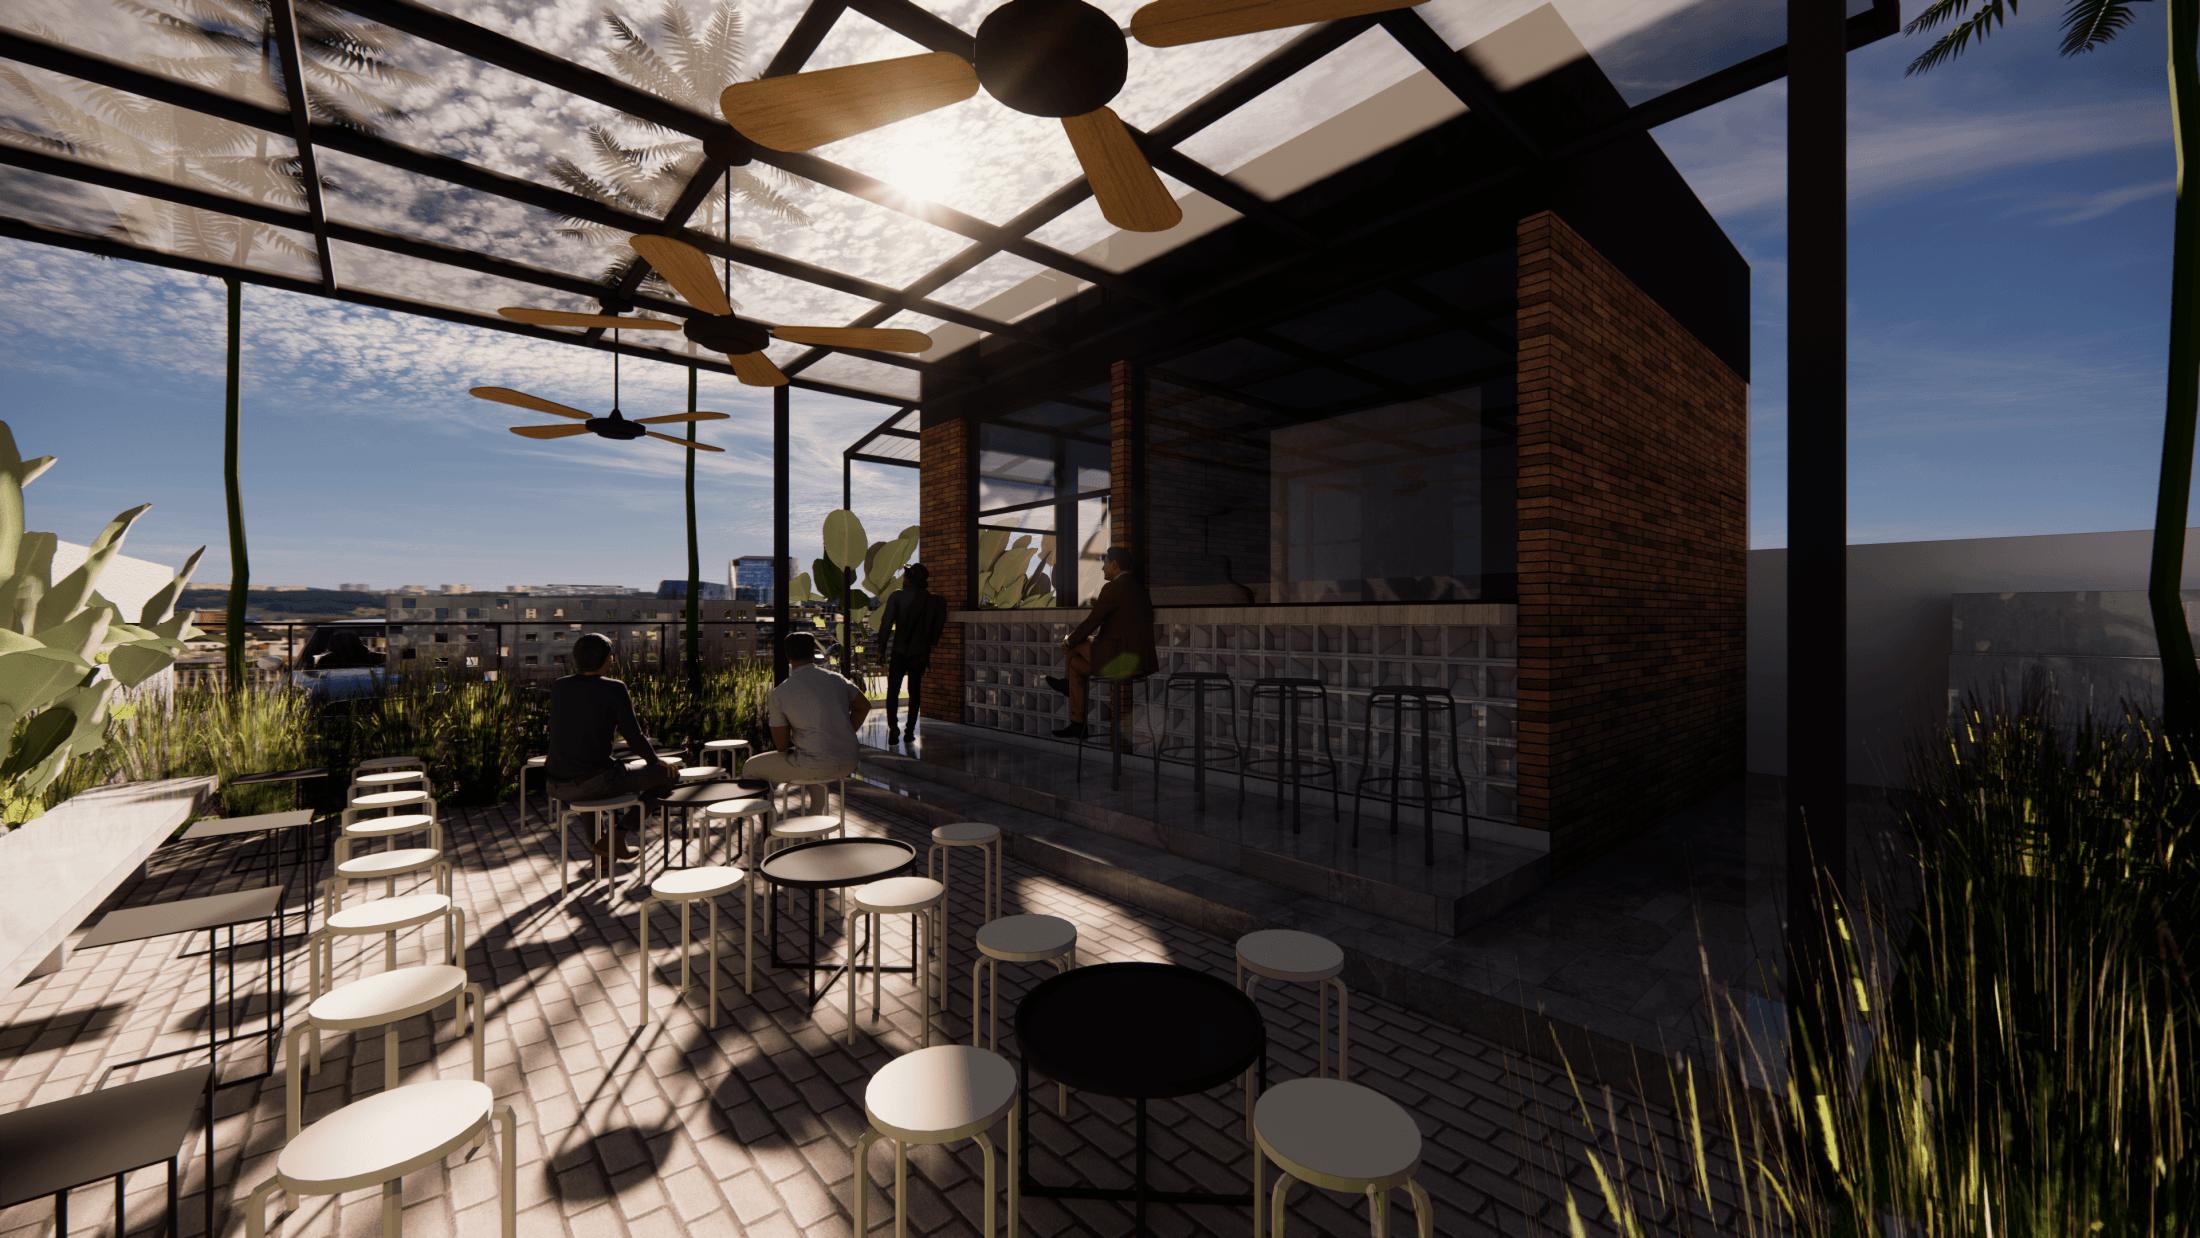 Arbatra Design Cafe Cimanggis Kec. Cimanggis, Kota Depok, Jawa Barat, Indonesia Kec. Cimanggis, Kota Depok, Jawa Barat, Indonesia Arbatra-Design-Cafe-Cimanggis  121478